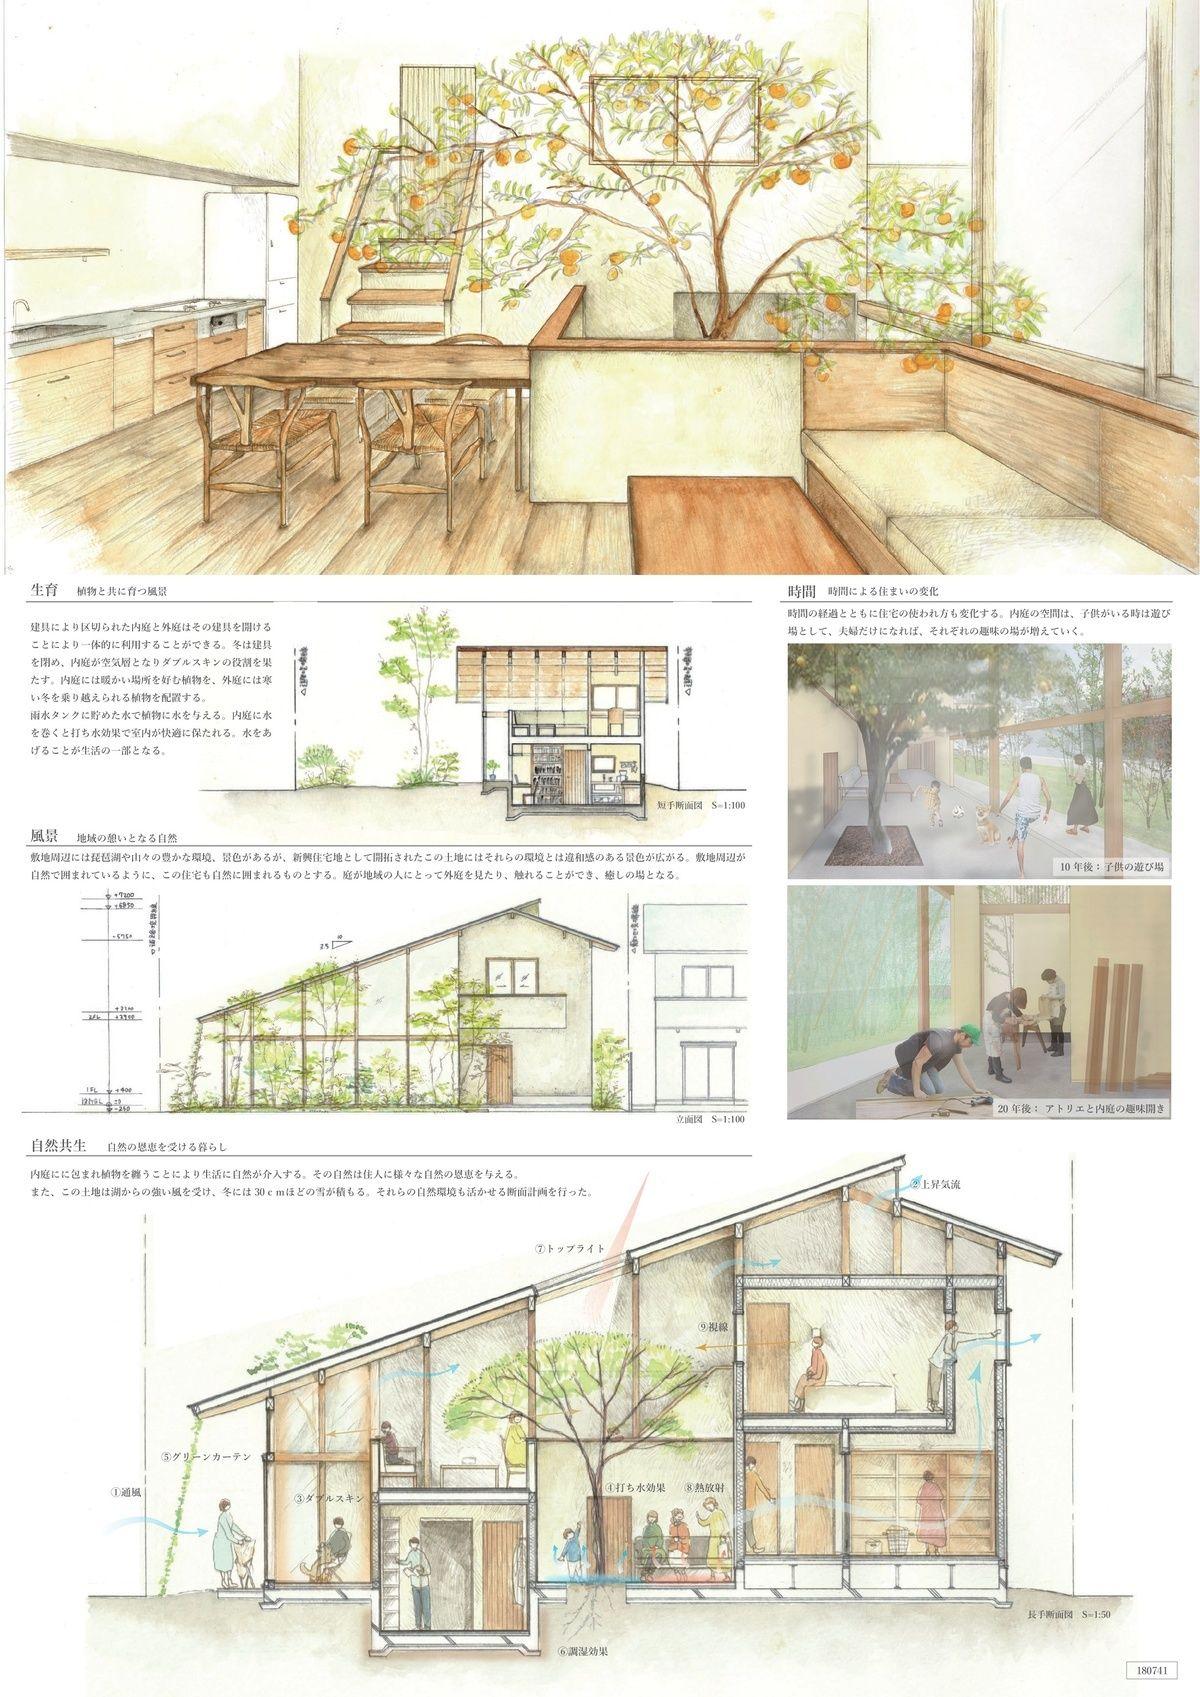 受賞作品 木の家設計グランプリ インテリアアーキテクチャ 建築